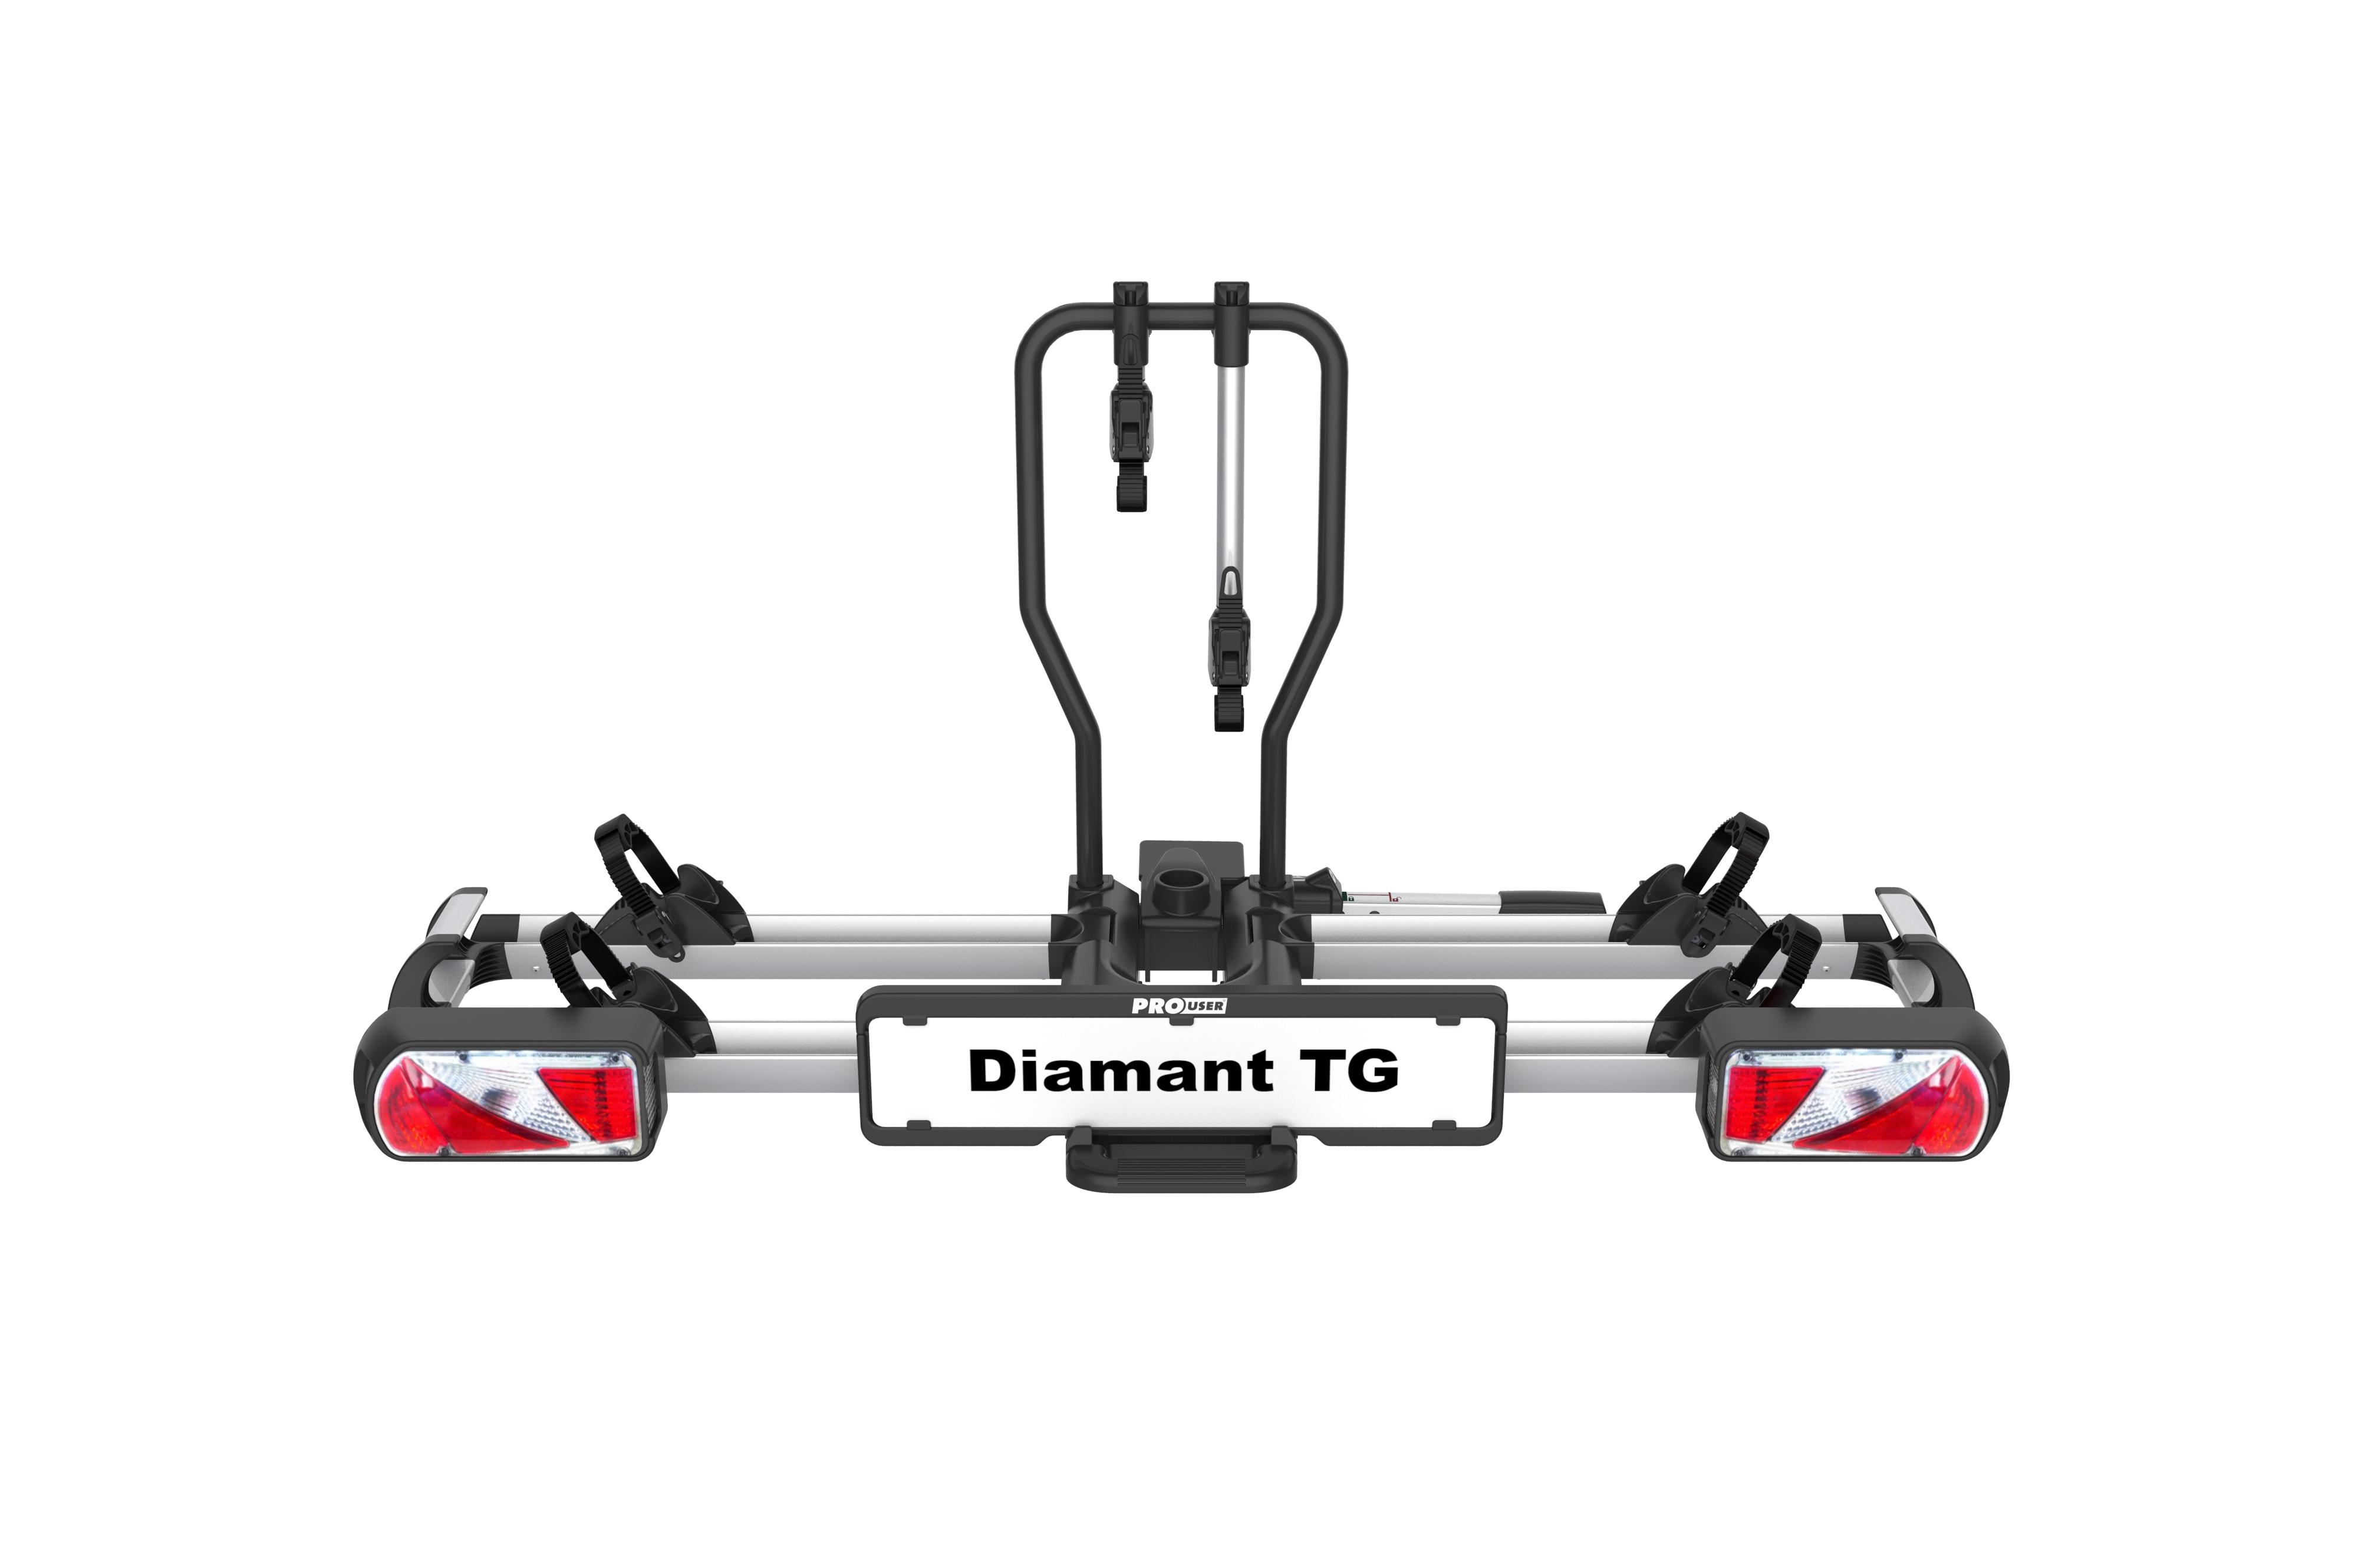 Pro User Diamant Tg